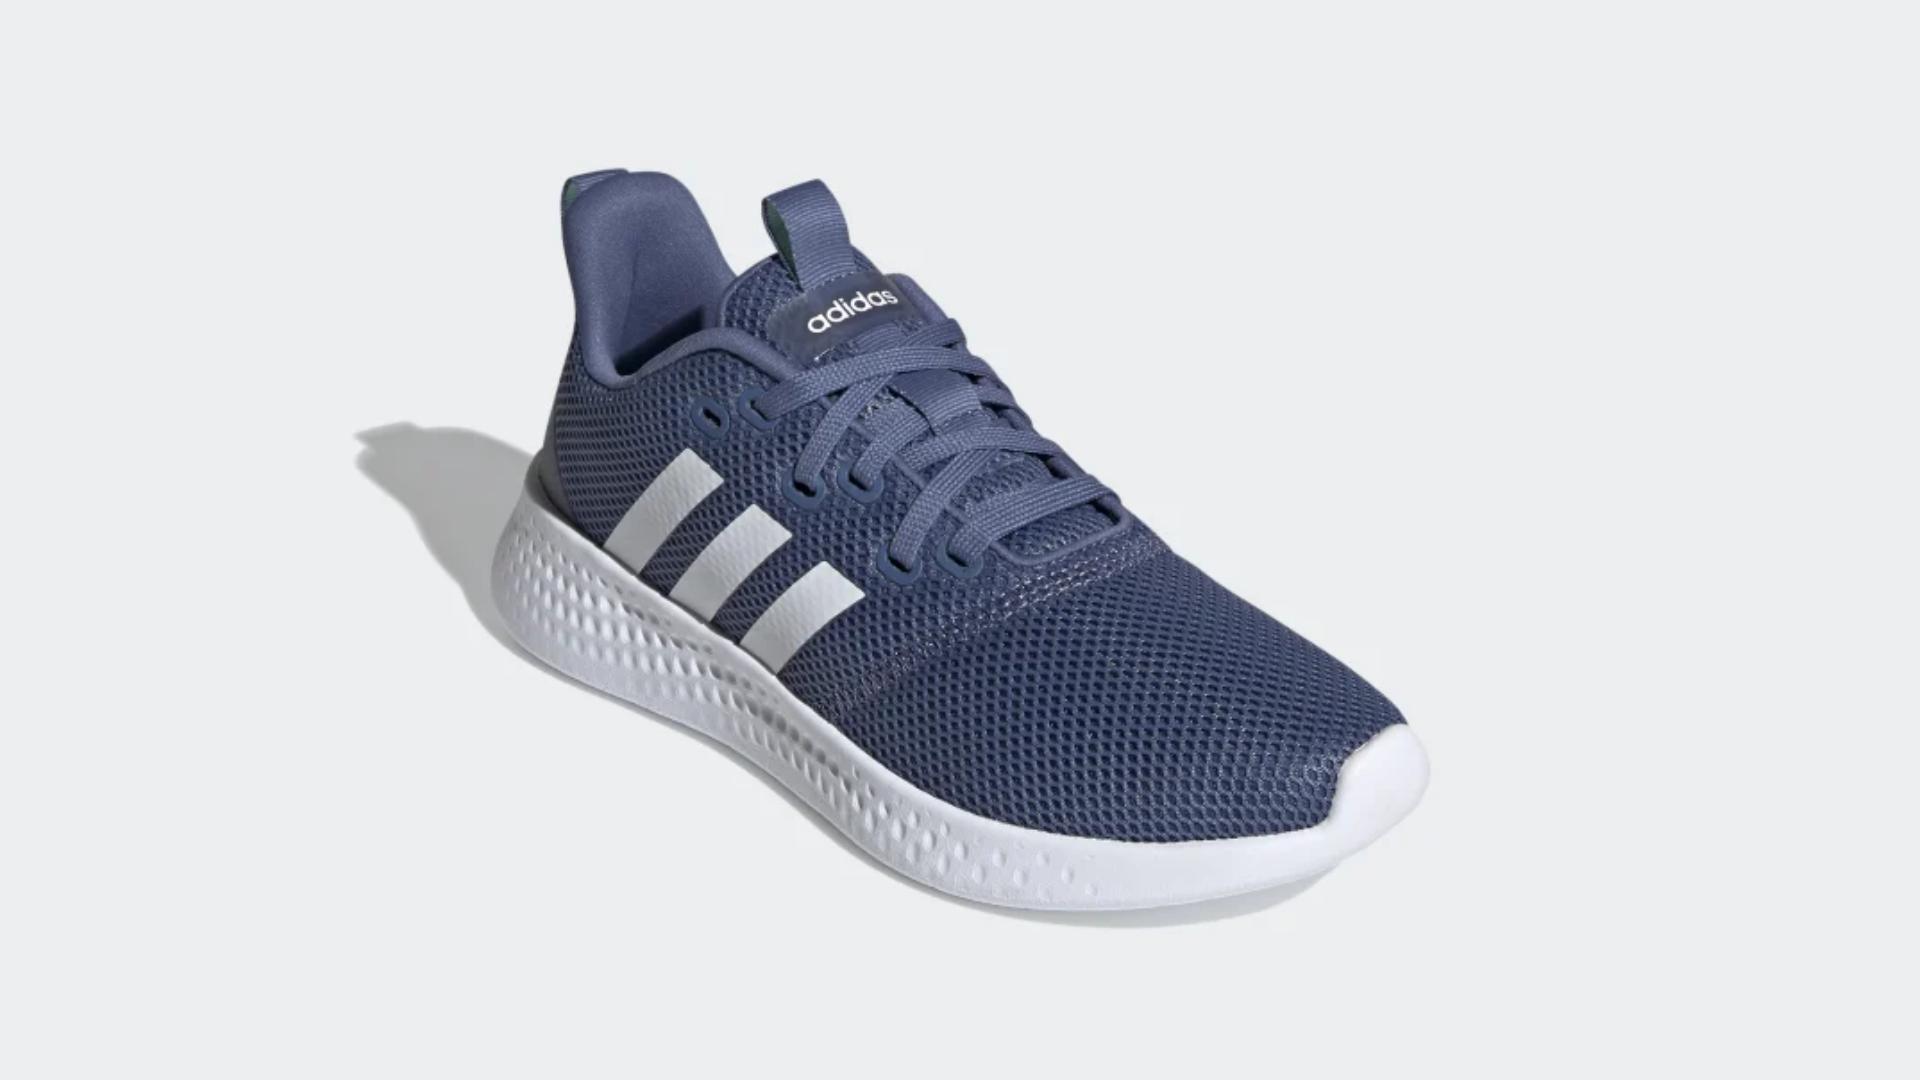 Descubra se vale a pena comprar o Adidas Puremotion (Imagem: Divulgação/Adidas)